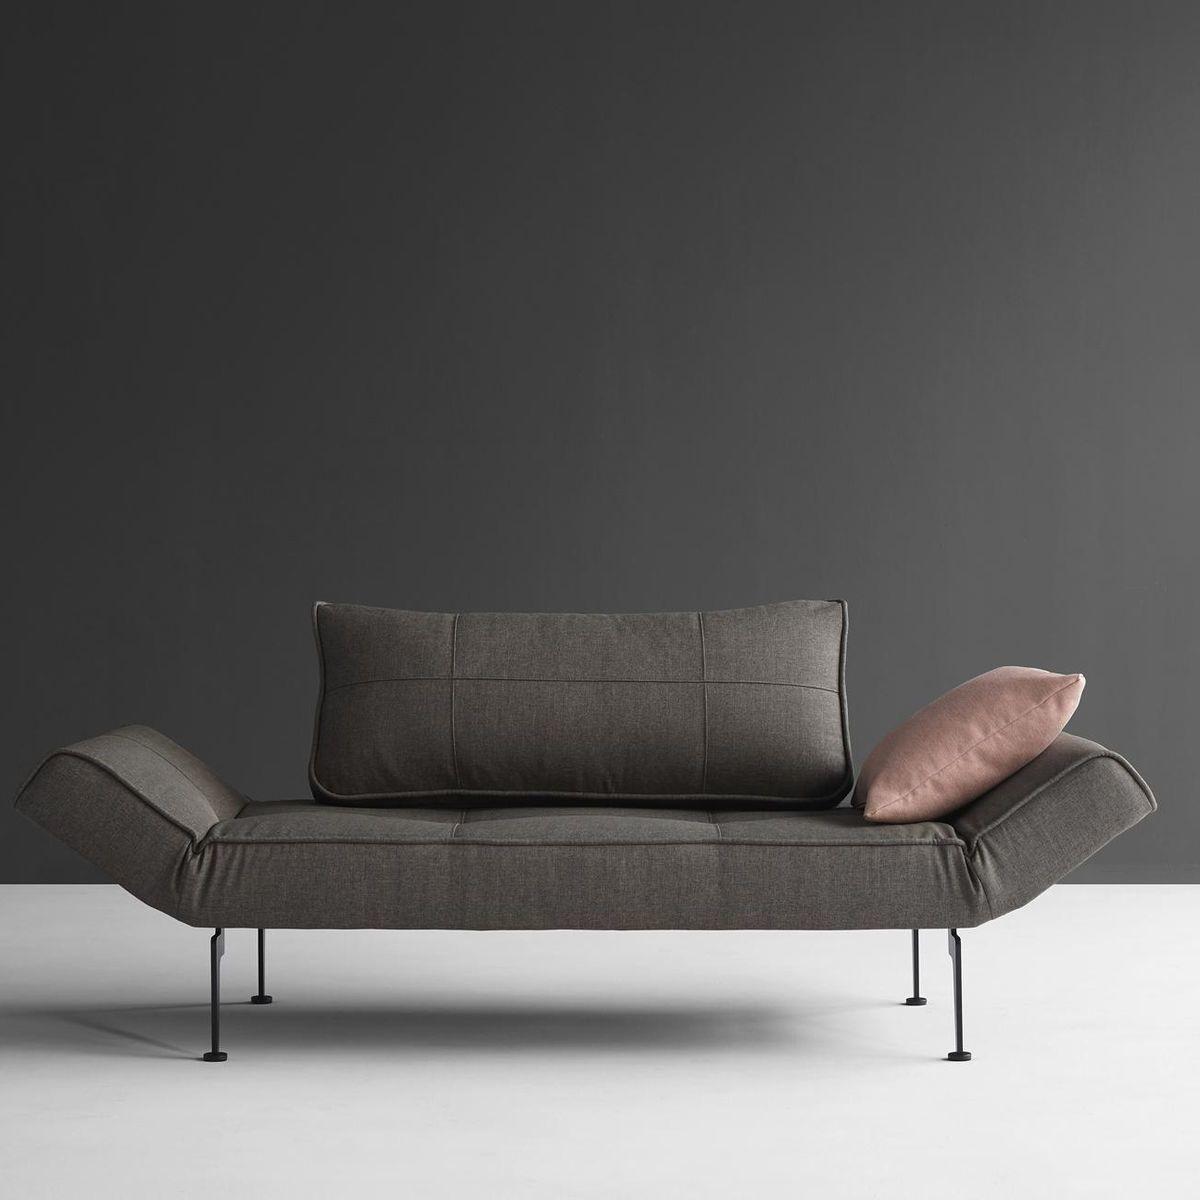 Zeal laser sofa bed innovation sofa beds furniture for Dark grey divan bed